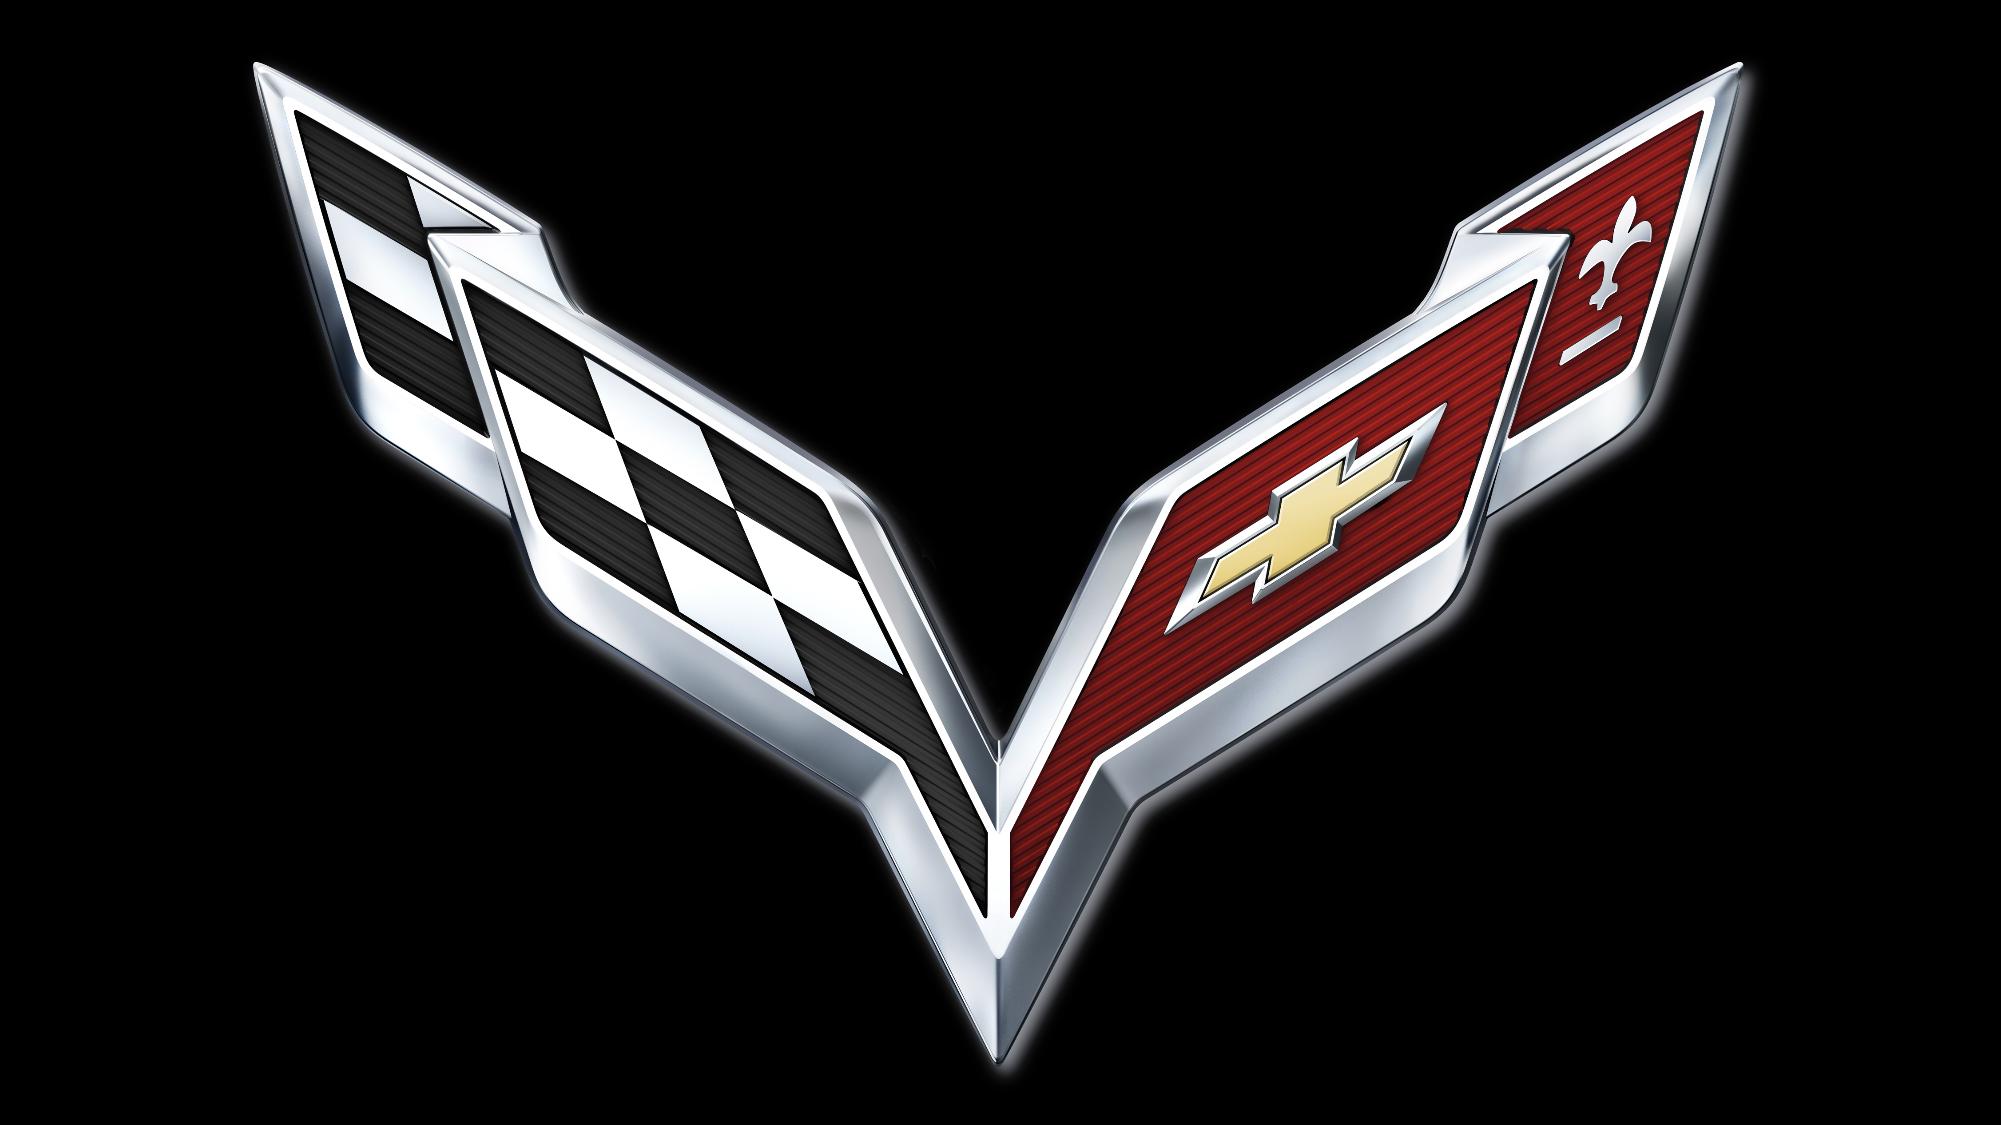 Pin By Mike Oaks On C7 Grand Sport Corvette 2014 Corvette Chevrolet Corvette Car Logos